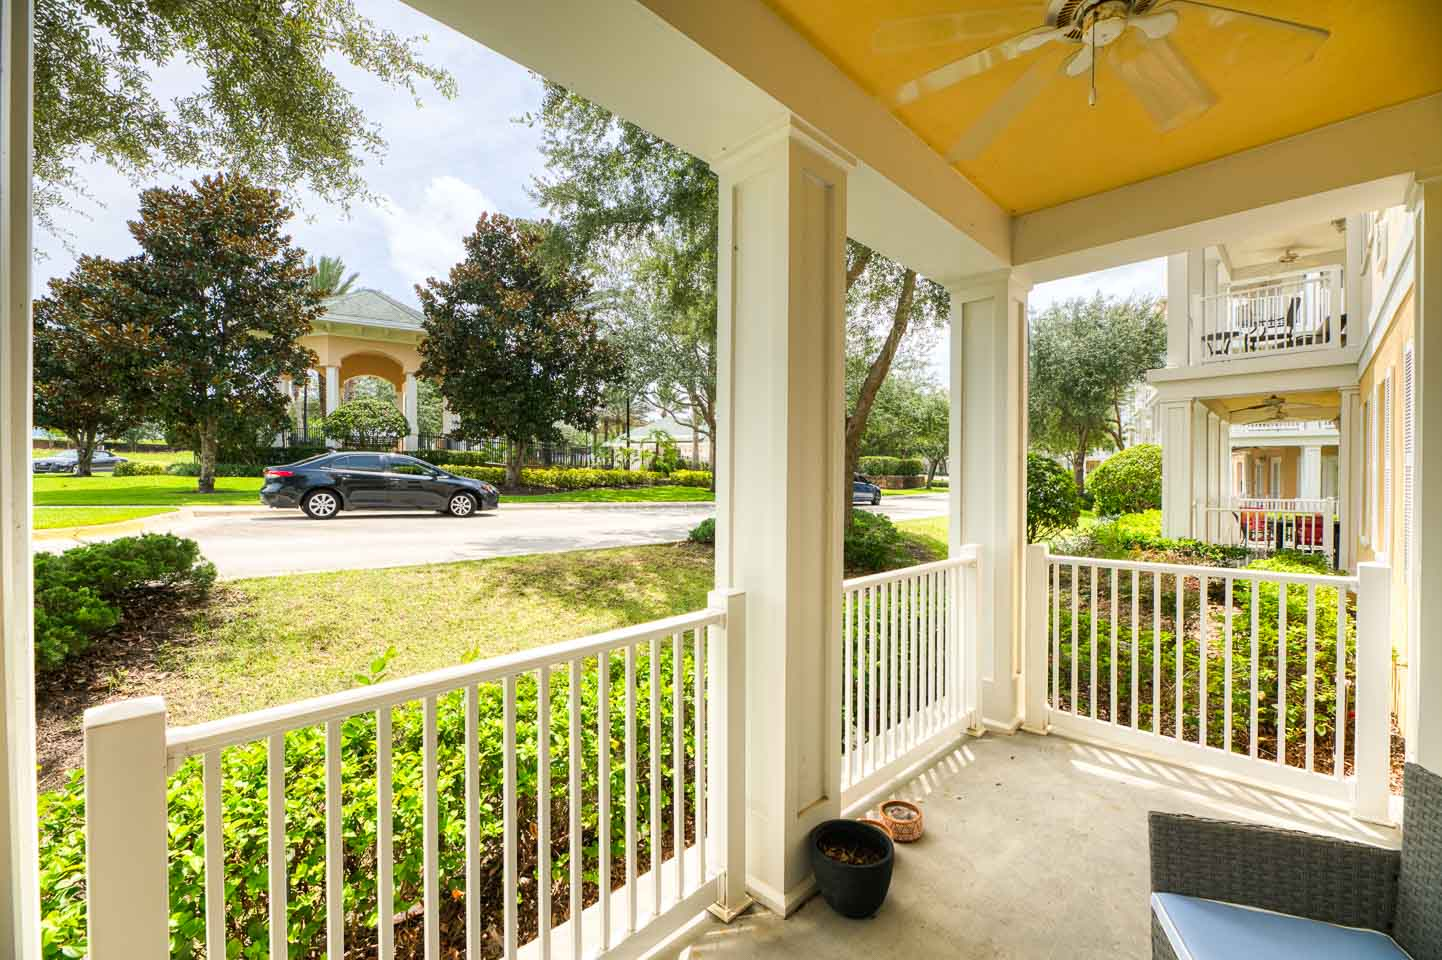 [amenities:patio-view:1] Patio View